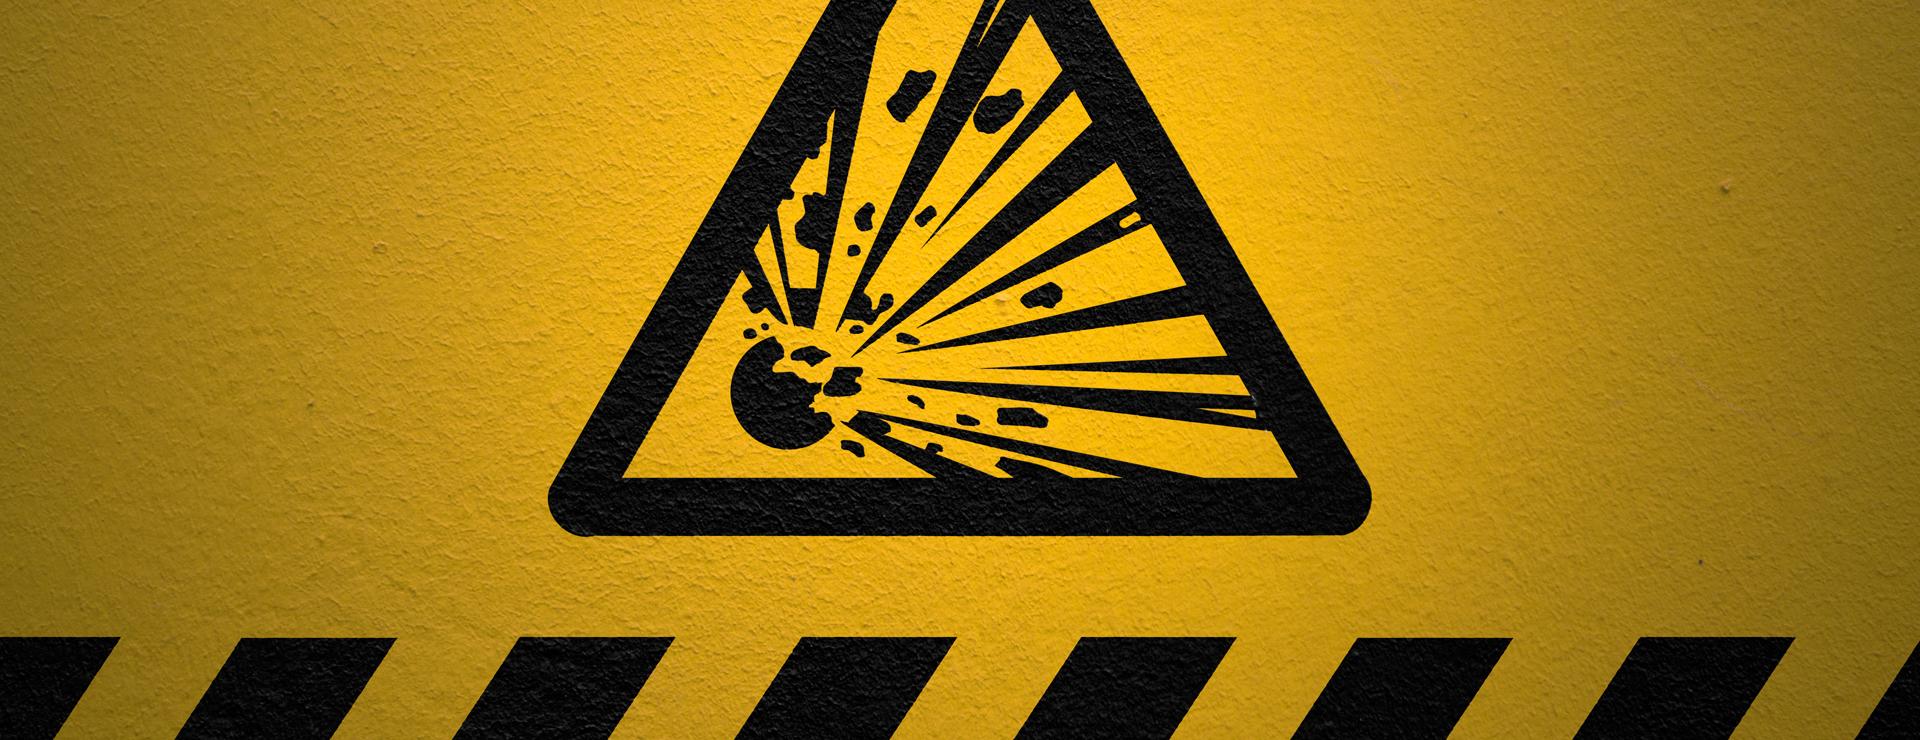 Industrial Plant Explosion Attorney San Antonio Texas